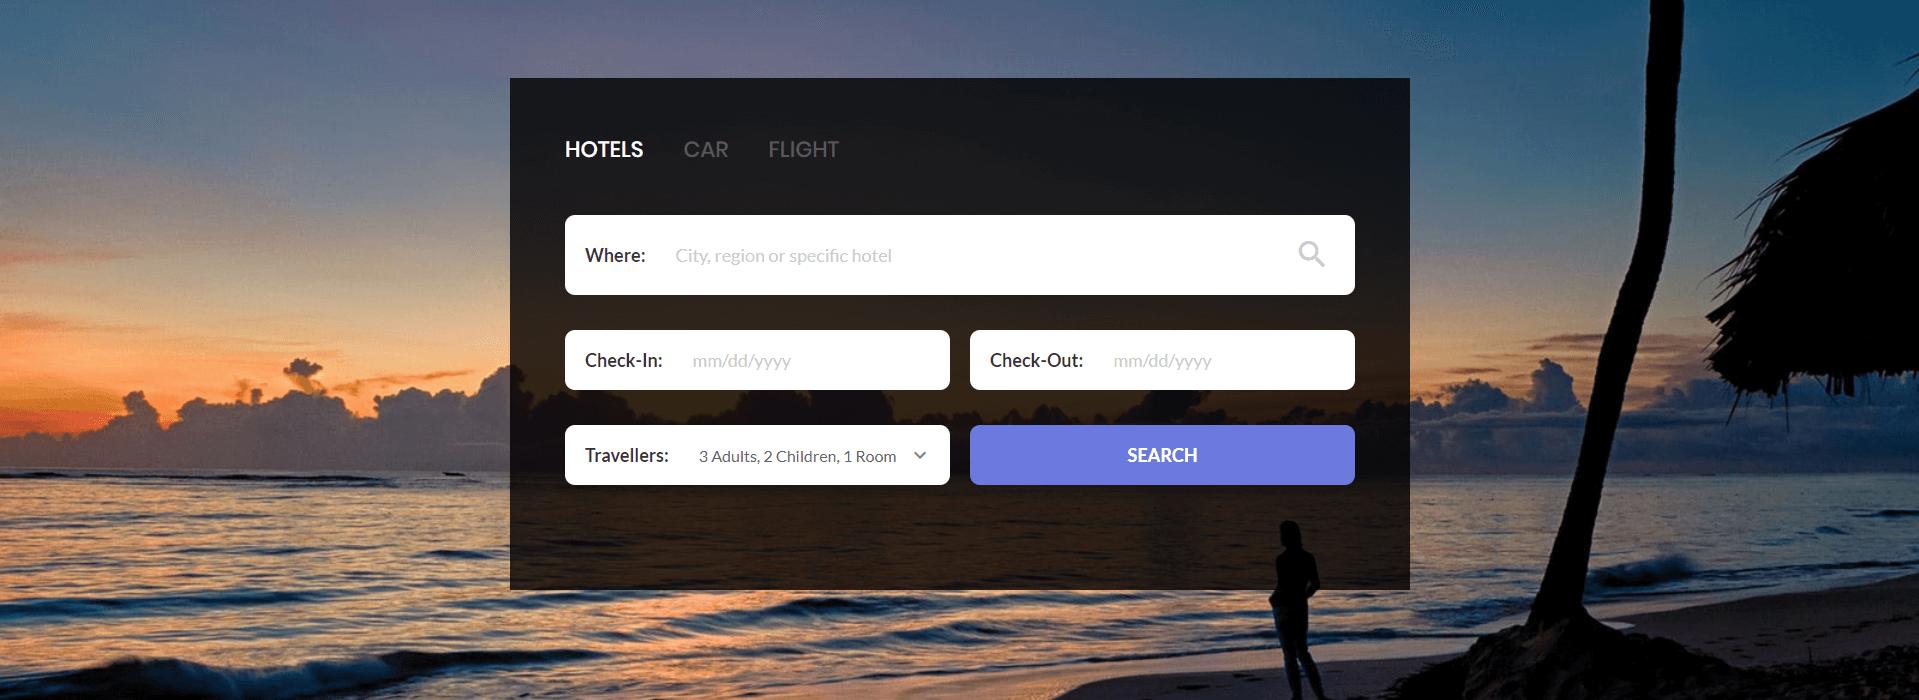 Form Tìm Kiếm xây dựng bằng HTML, CSS và Javascript Phần 10